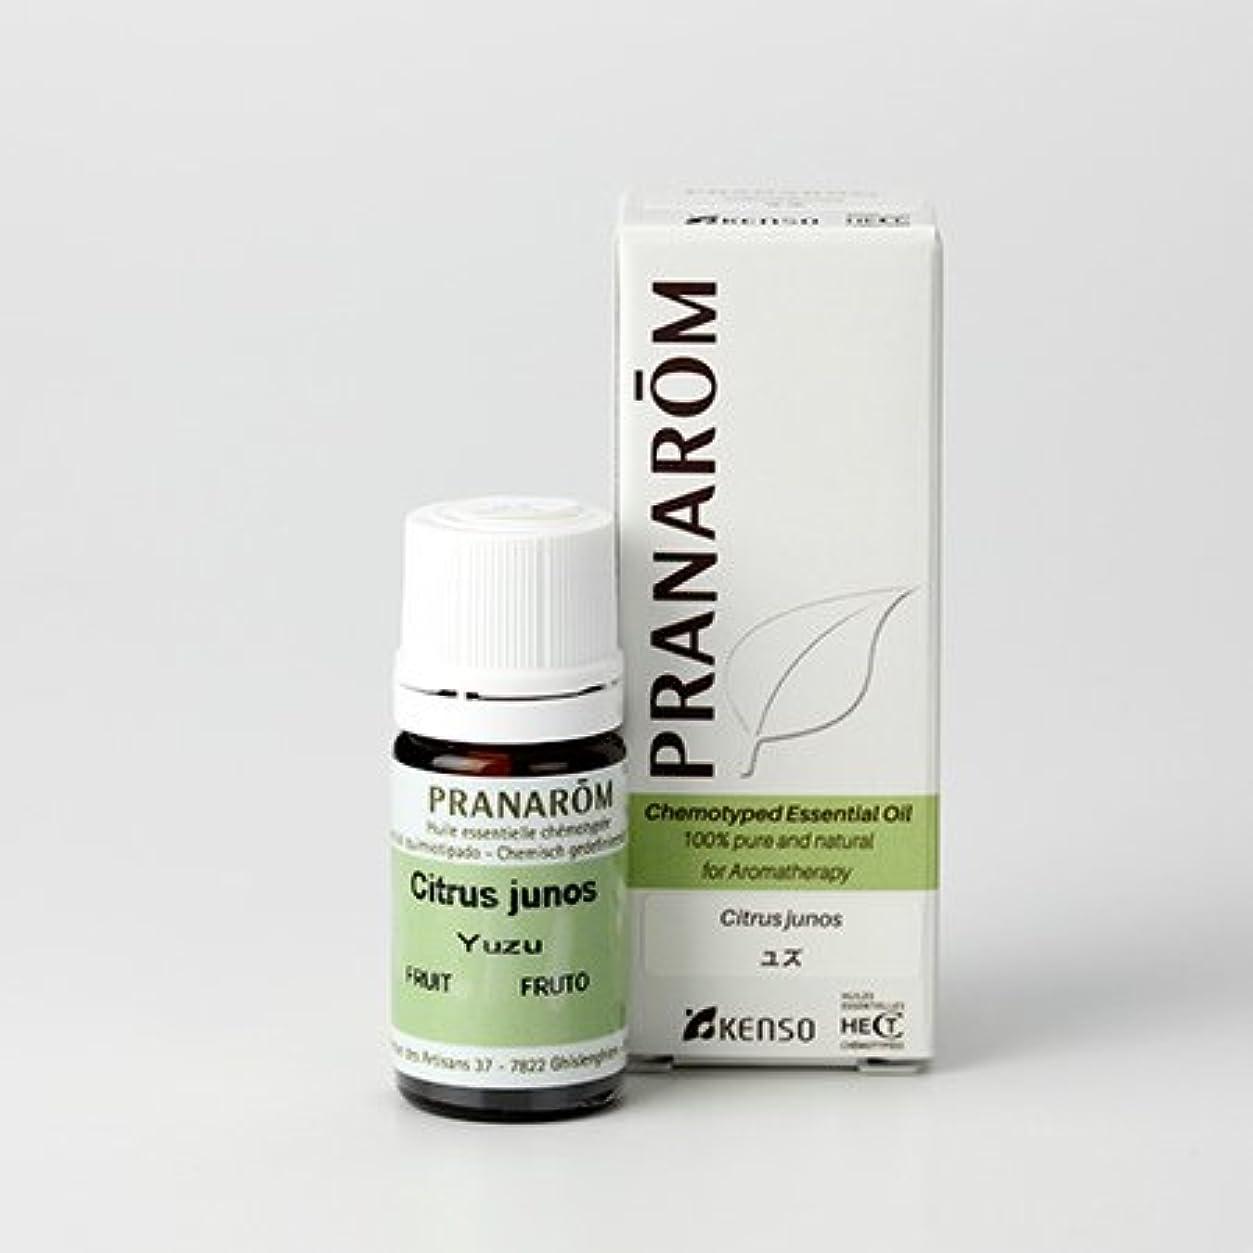 ディプロマパンダアラブプラナロム ユズ 5ml (PRANAROM ケモタイプ精油)